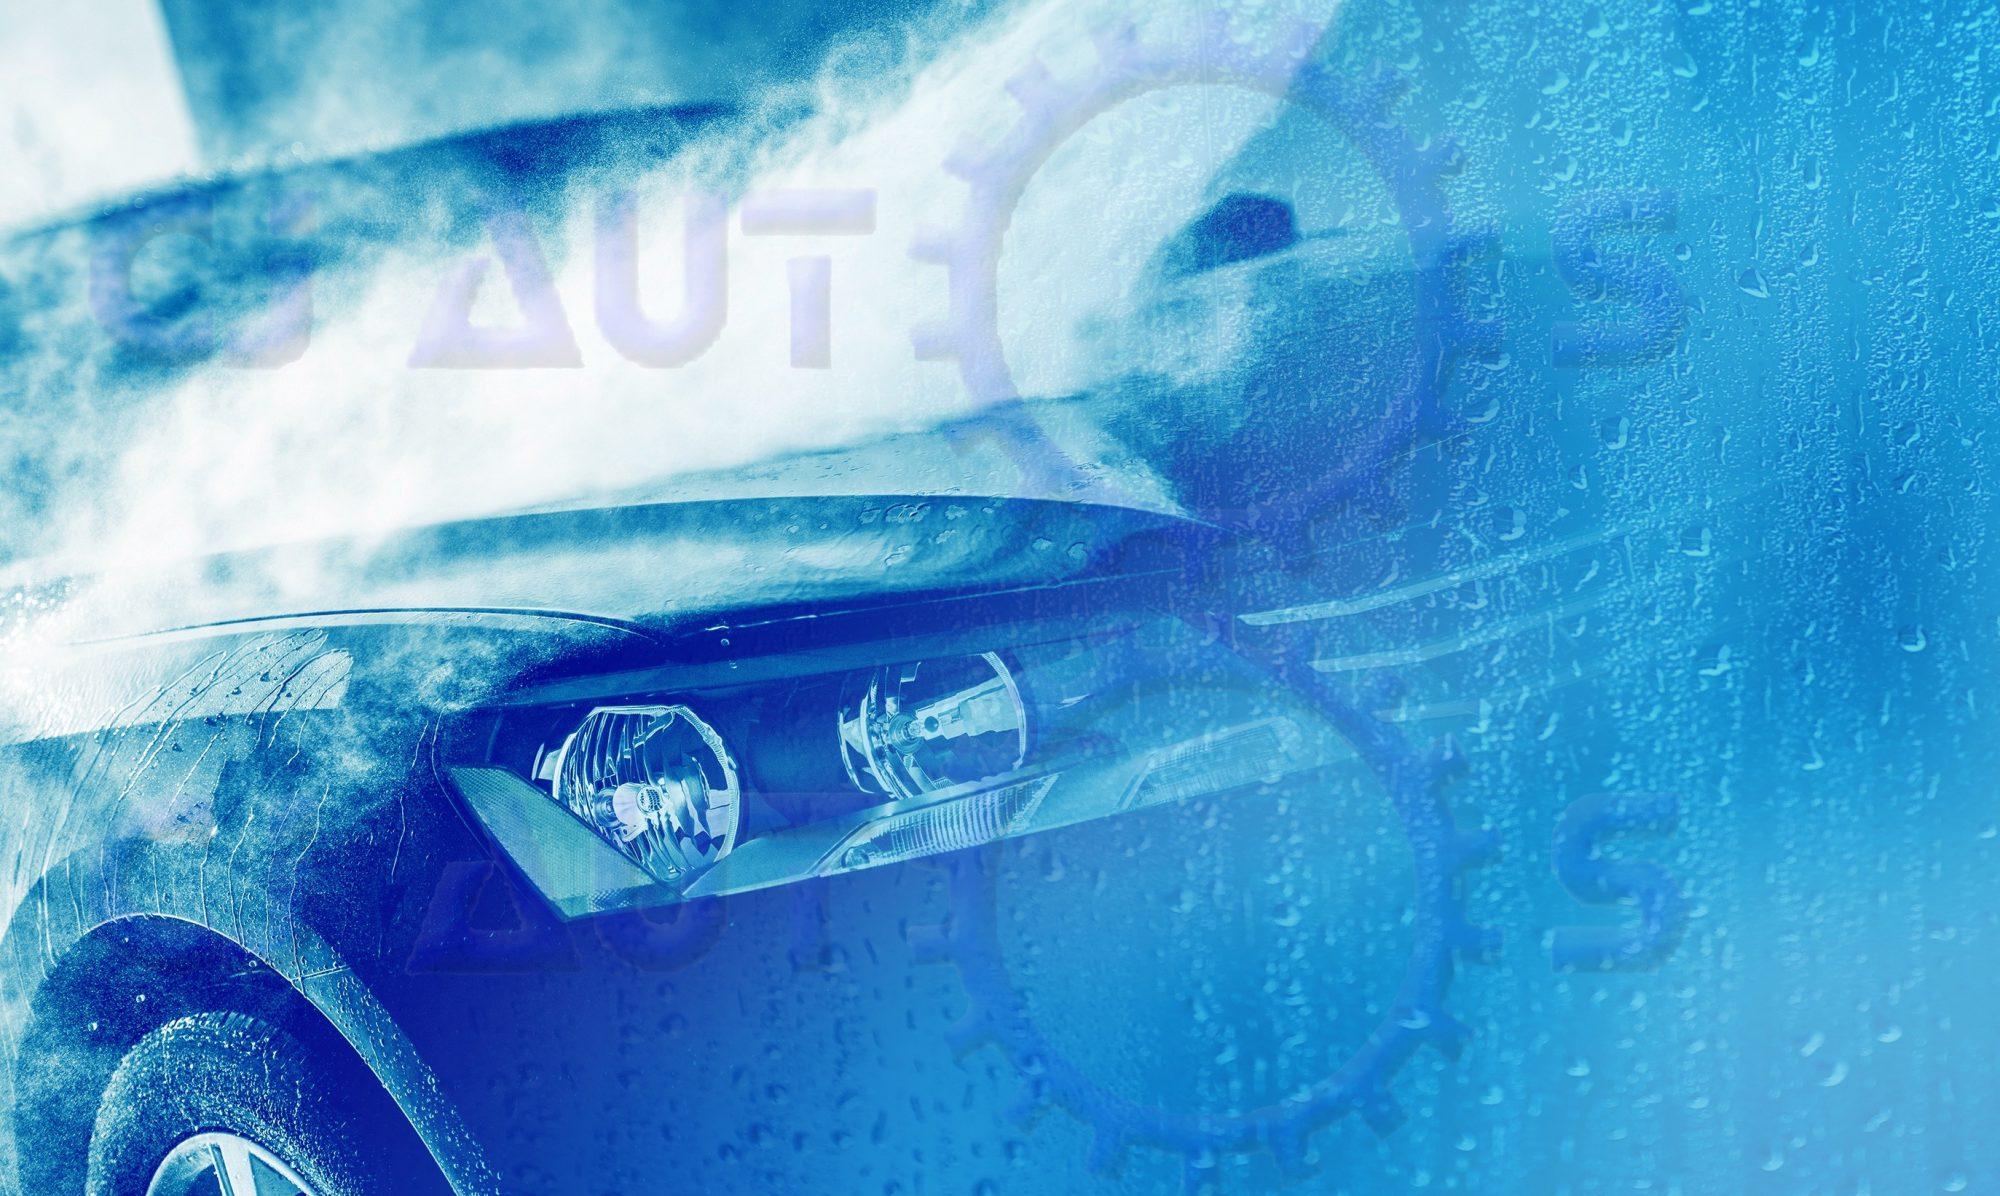 CJ AUTOS - CARE FOR CARS